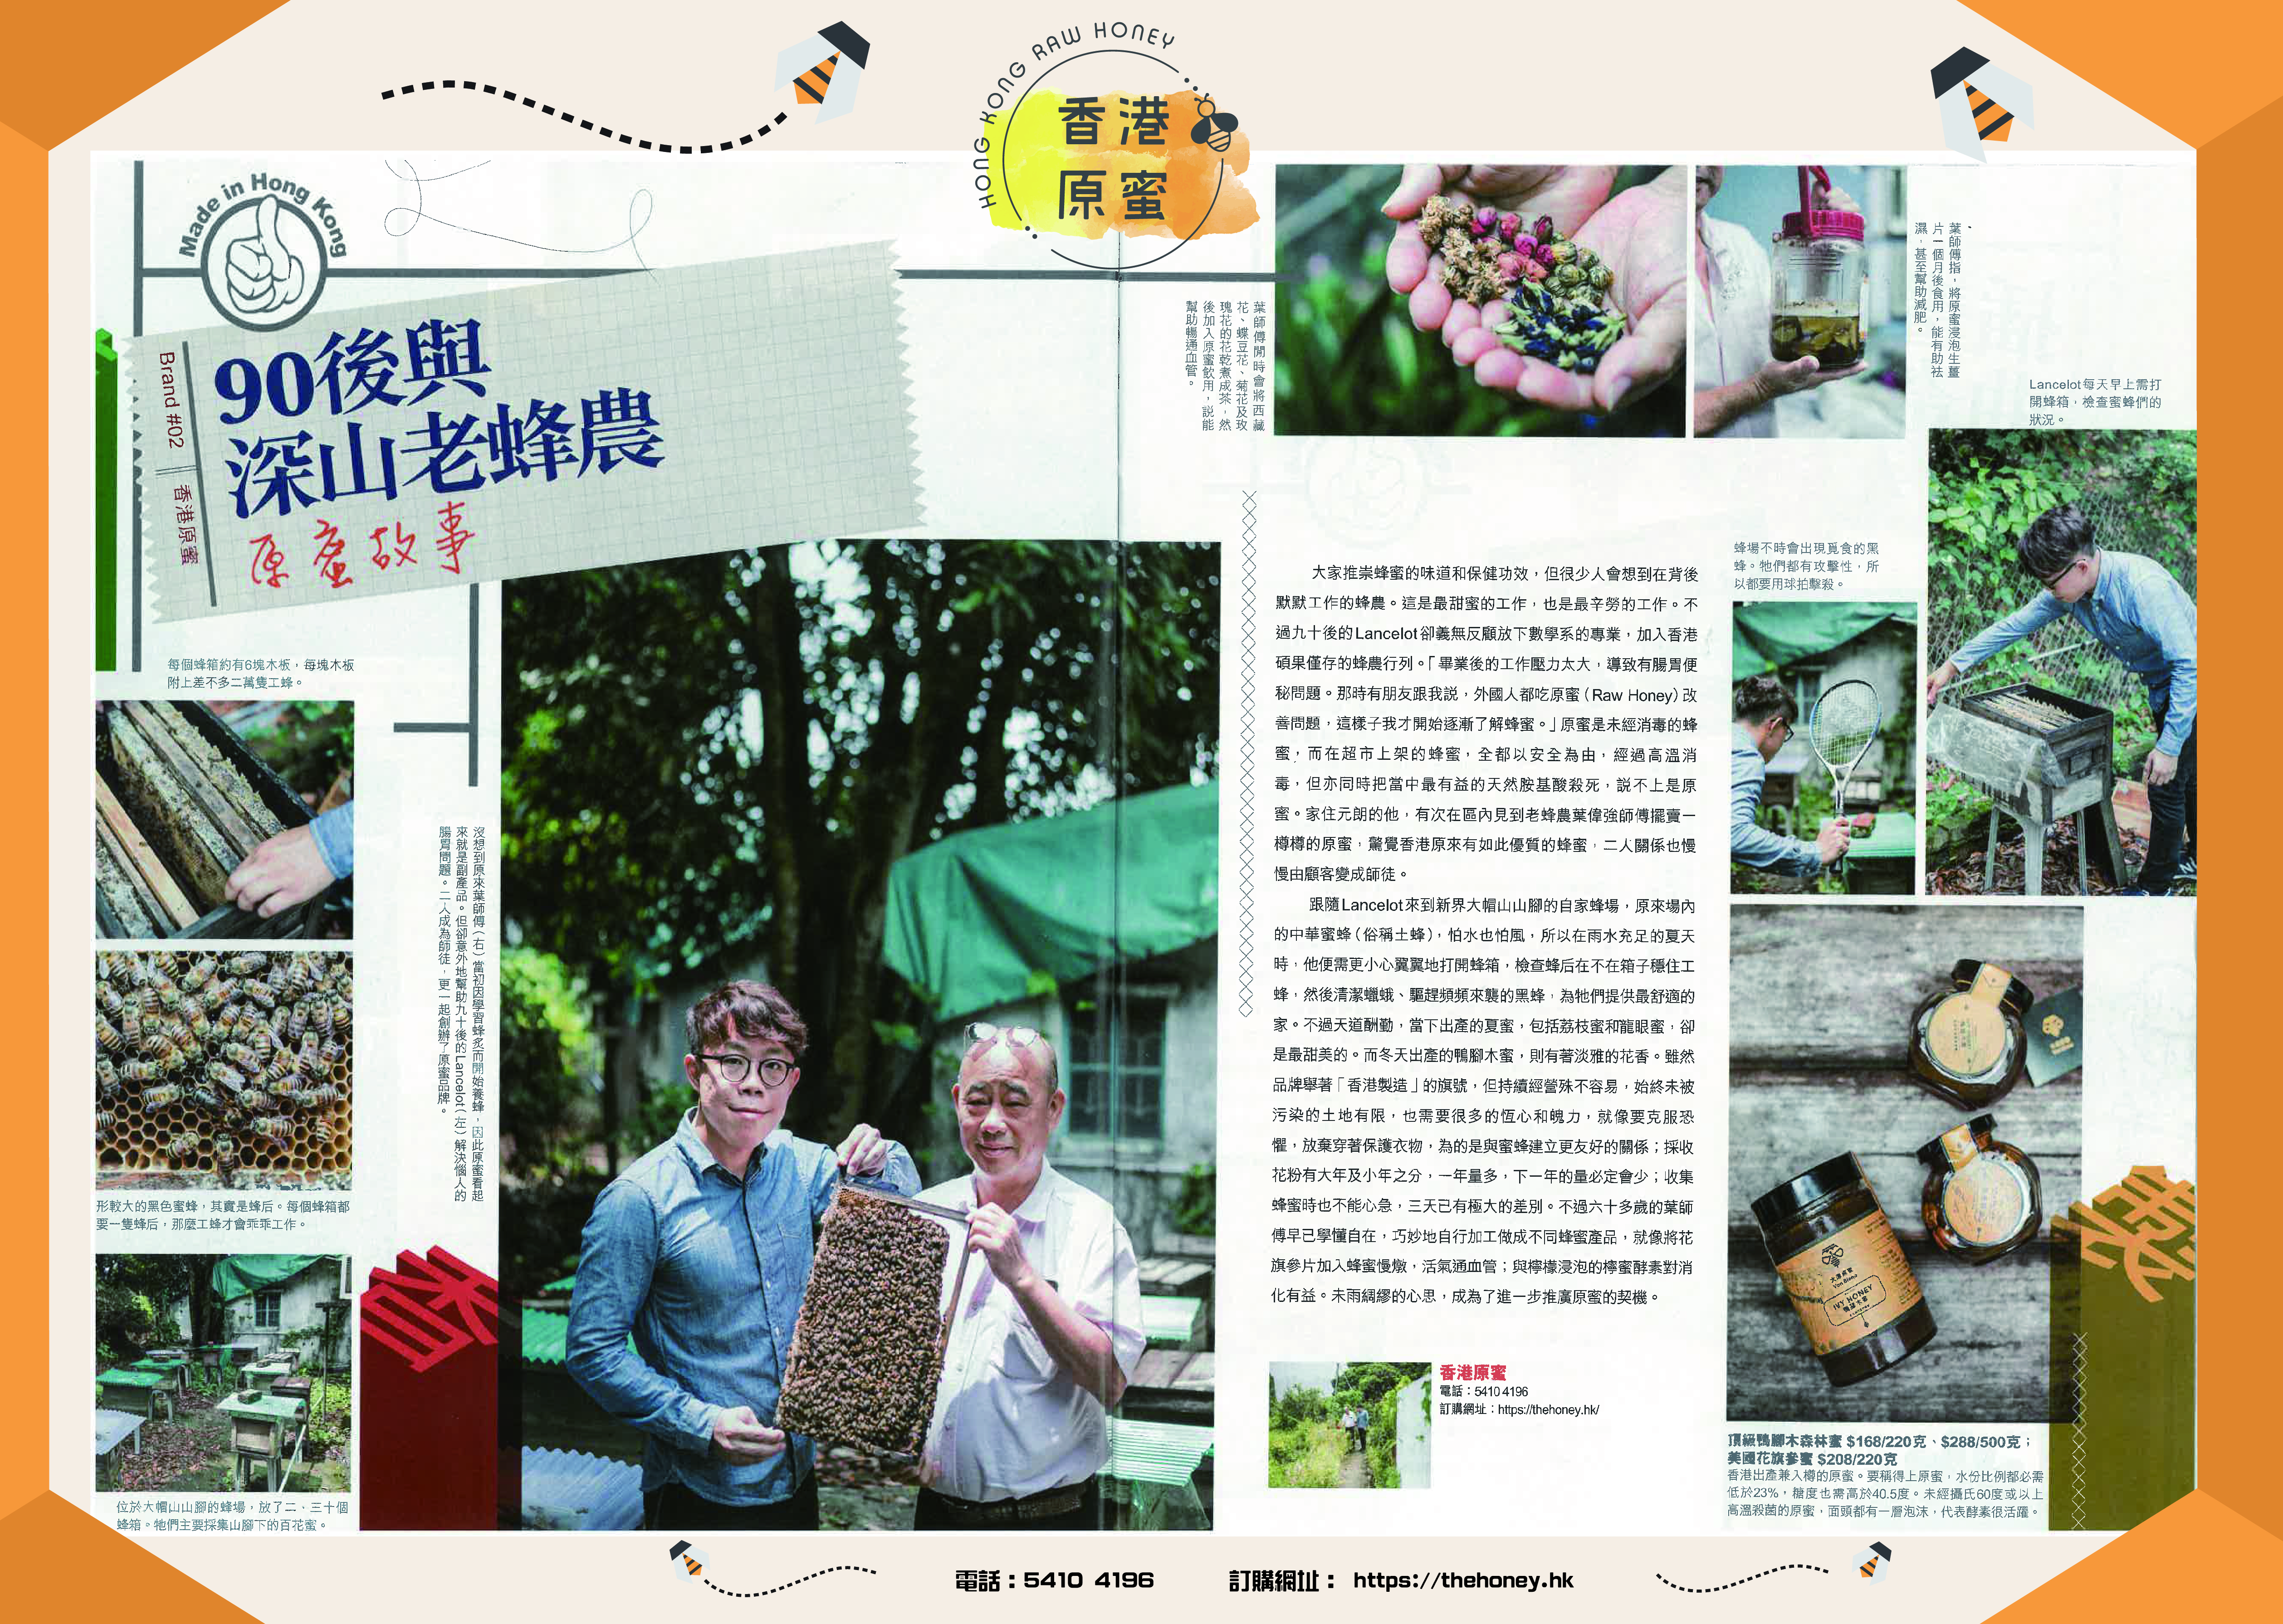 新假期香港原蜜